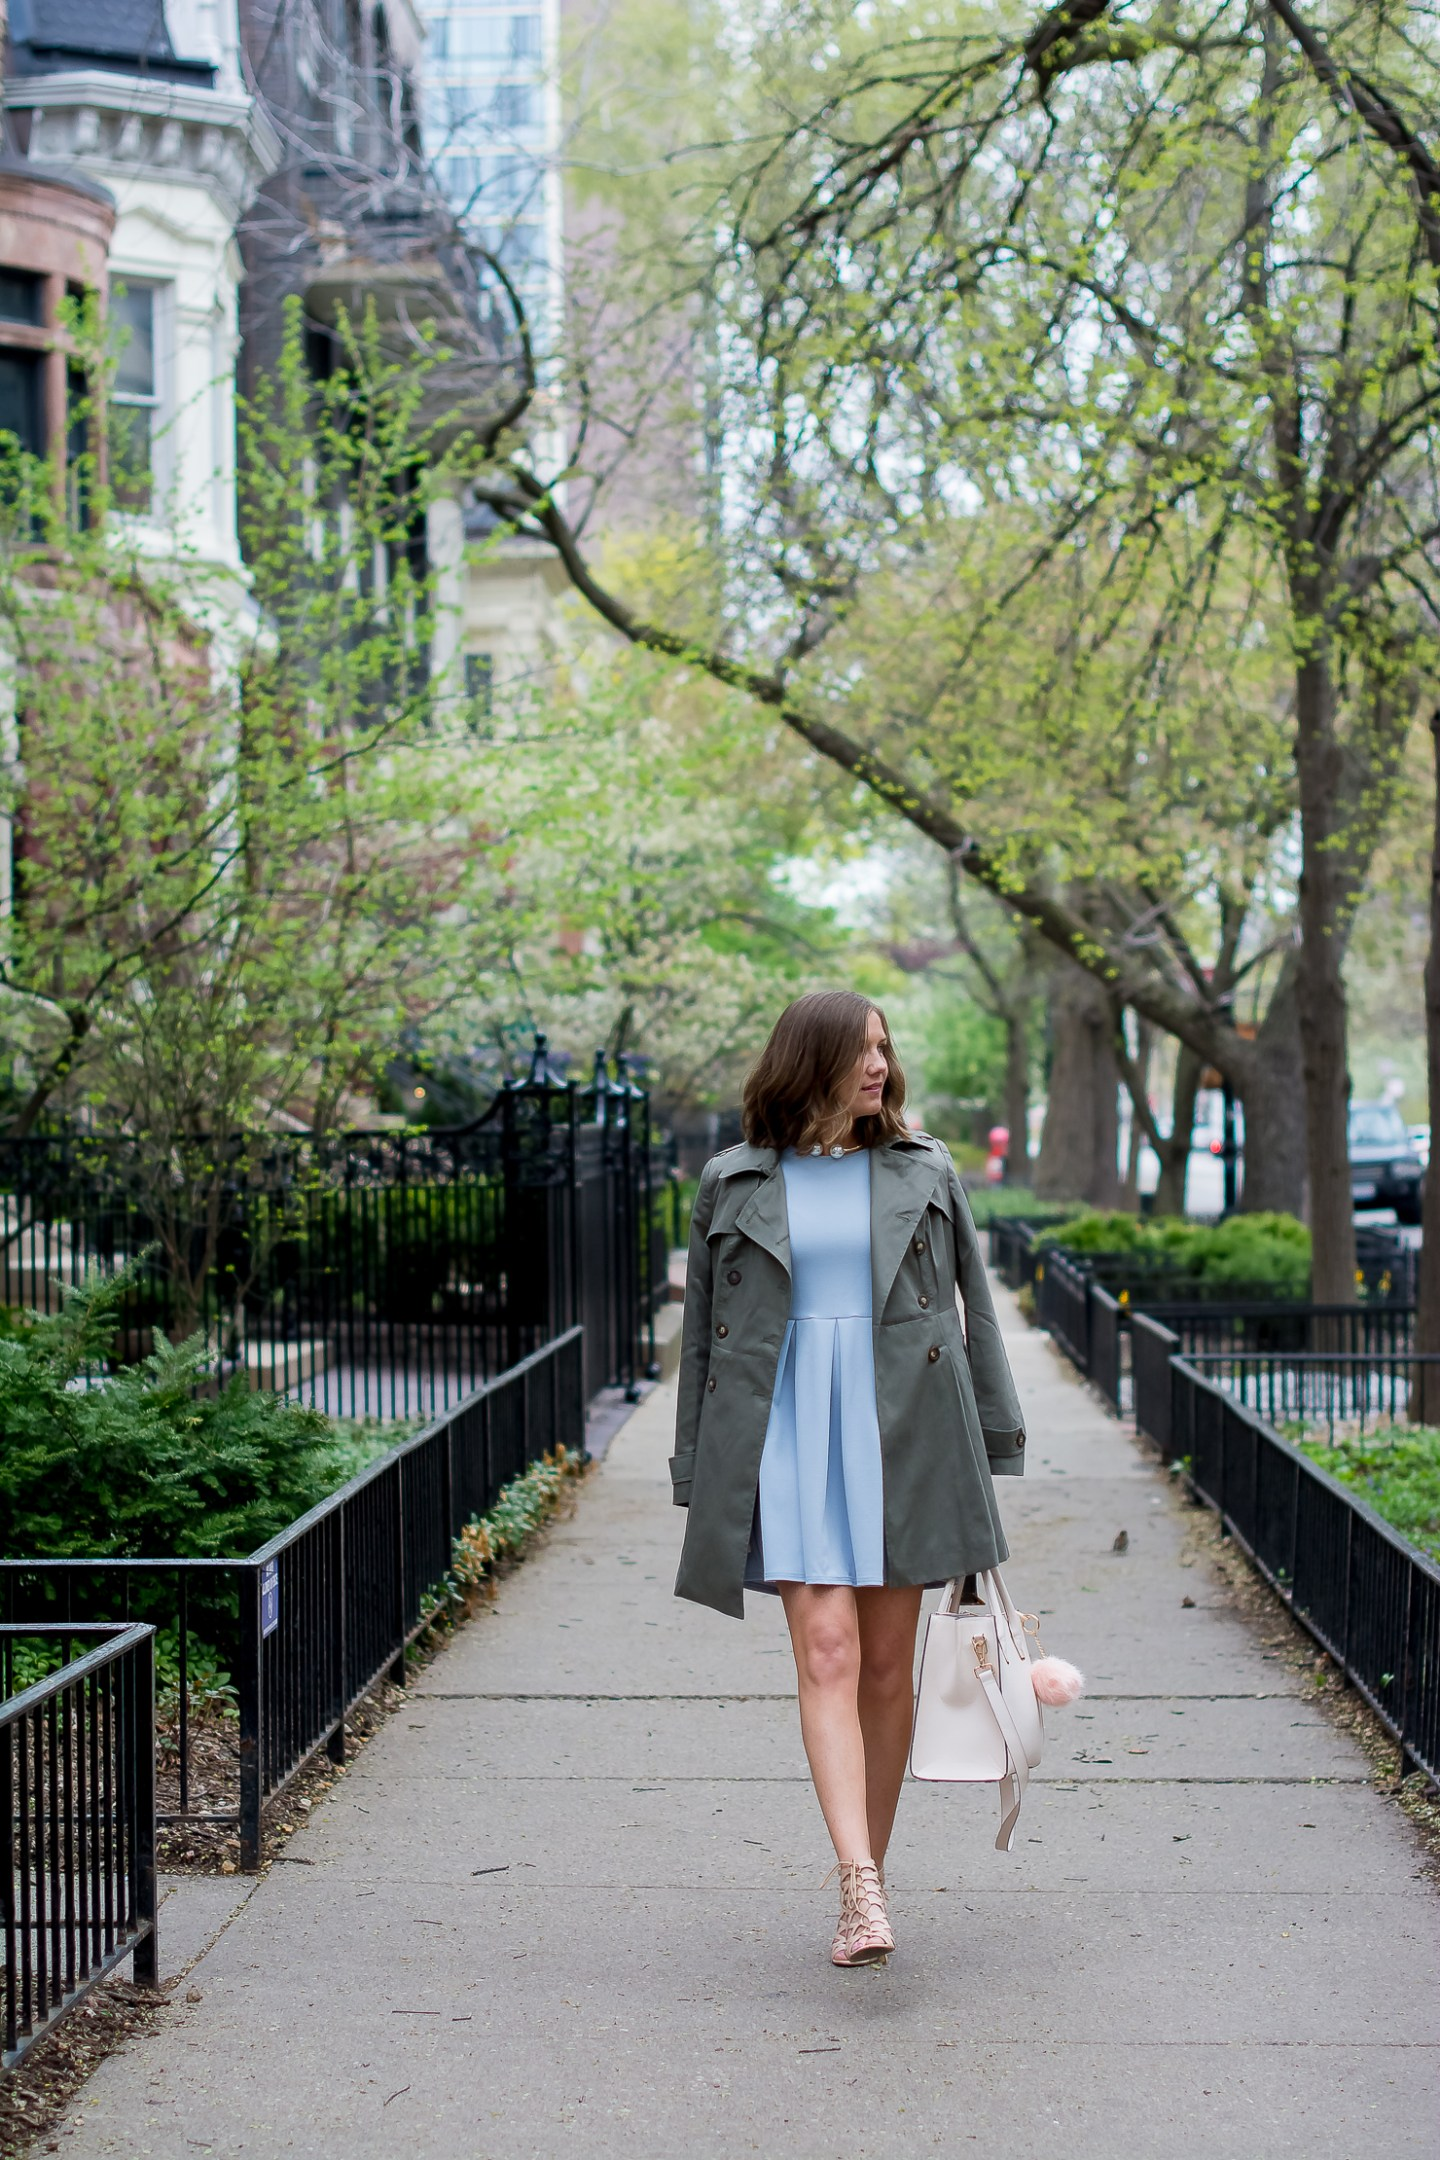 asos-skater-trench-boohoo-cold-shoulder-skater-dress-h&m-blush-tote-blush-fur-bag-pompom-nude-lace-up-sandals-spring-in-chicago